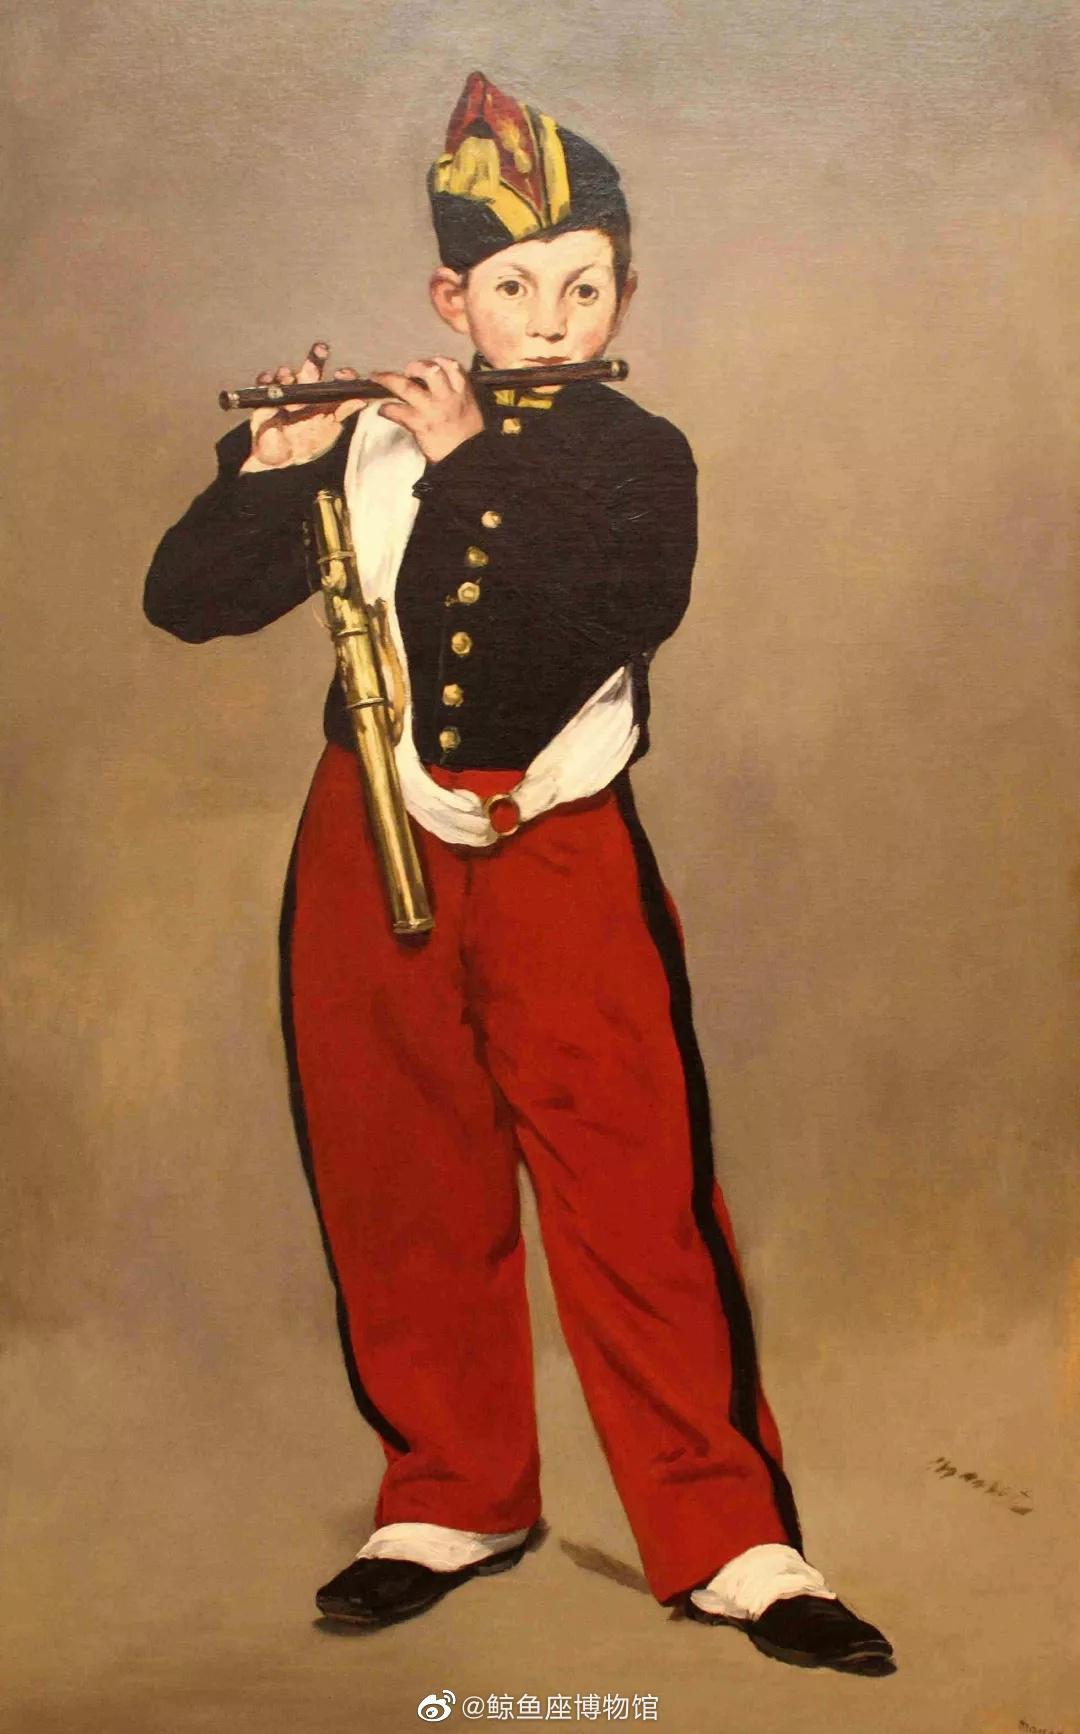 《吹笛少年》,马奈 布面油画 画面没有阴影,没有视平线……